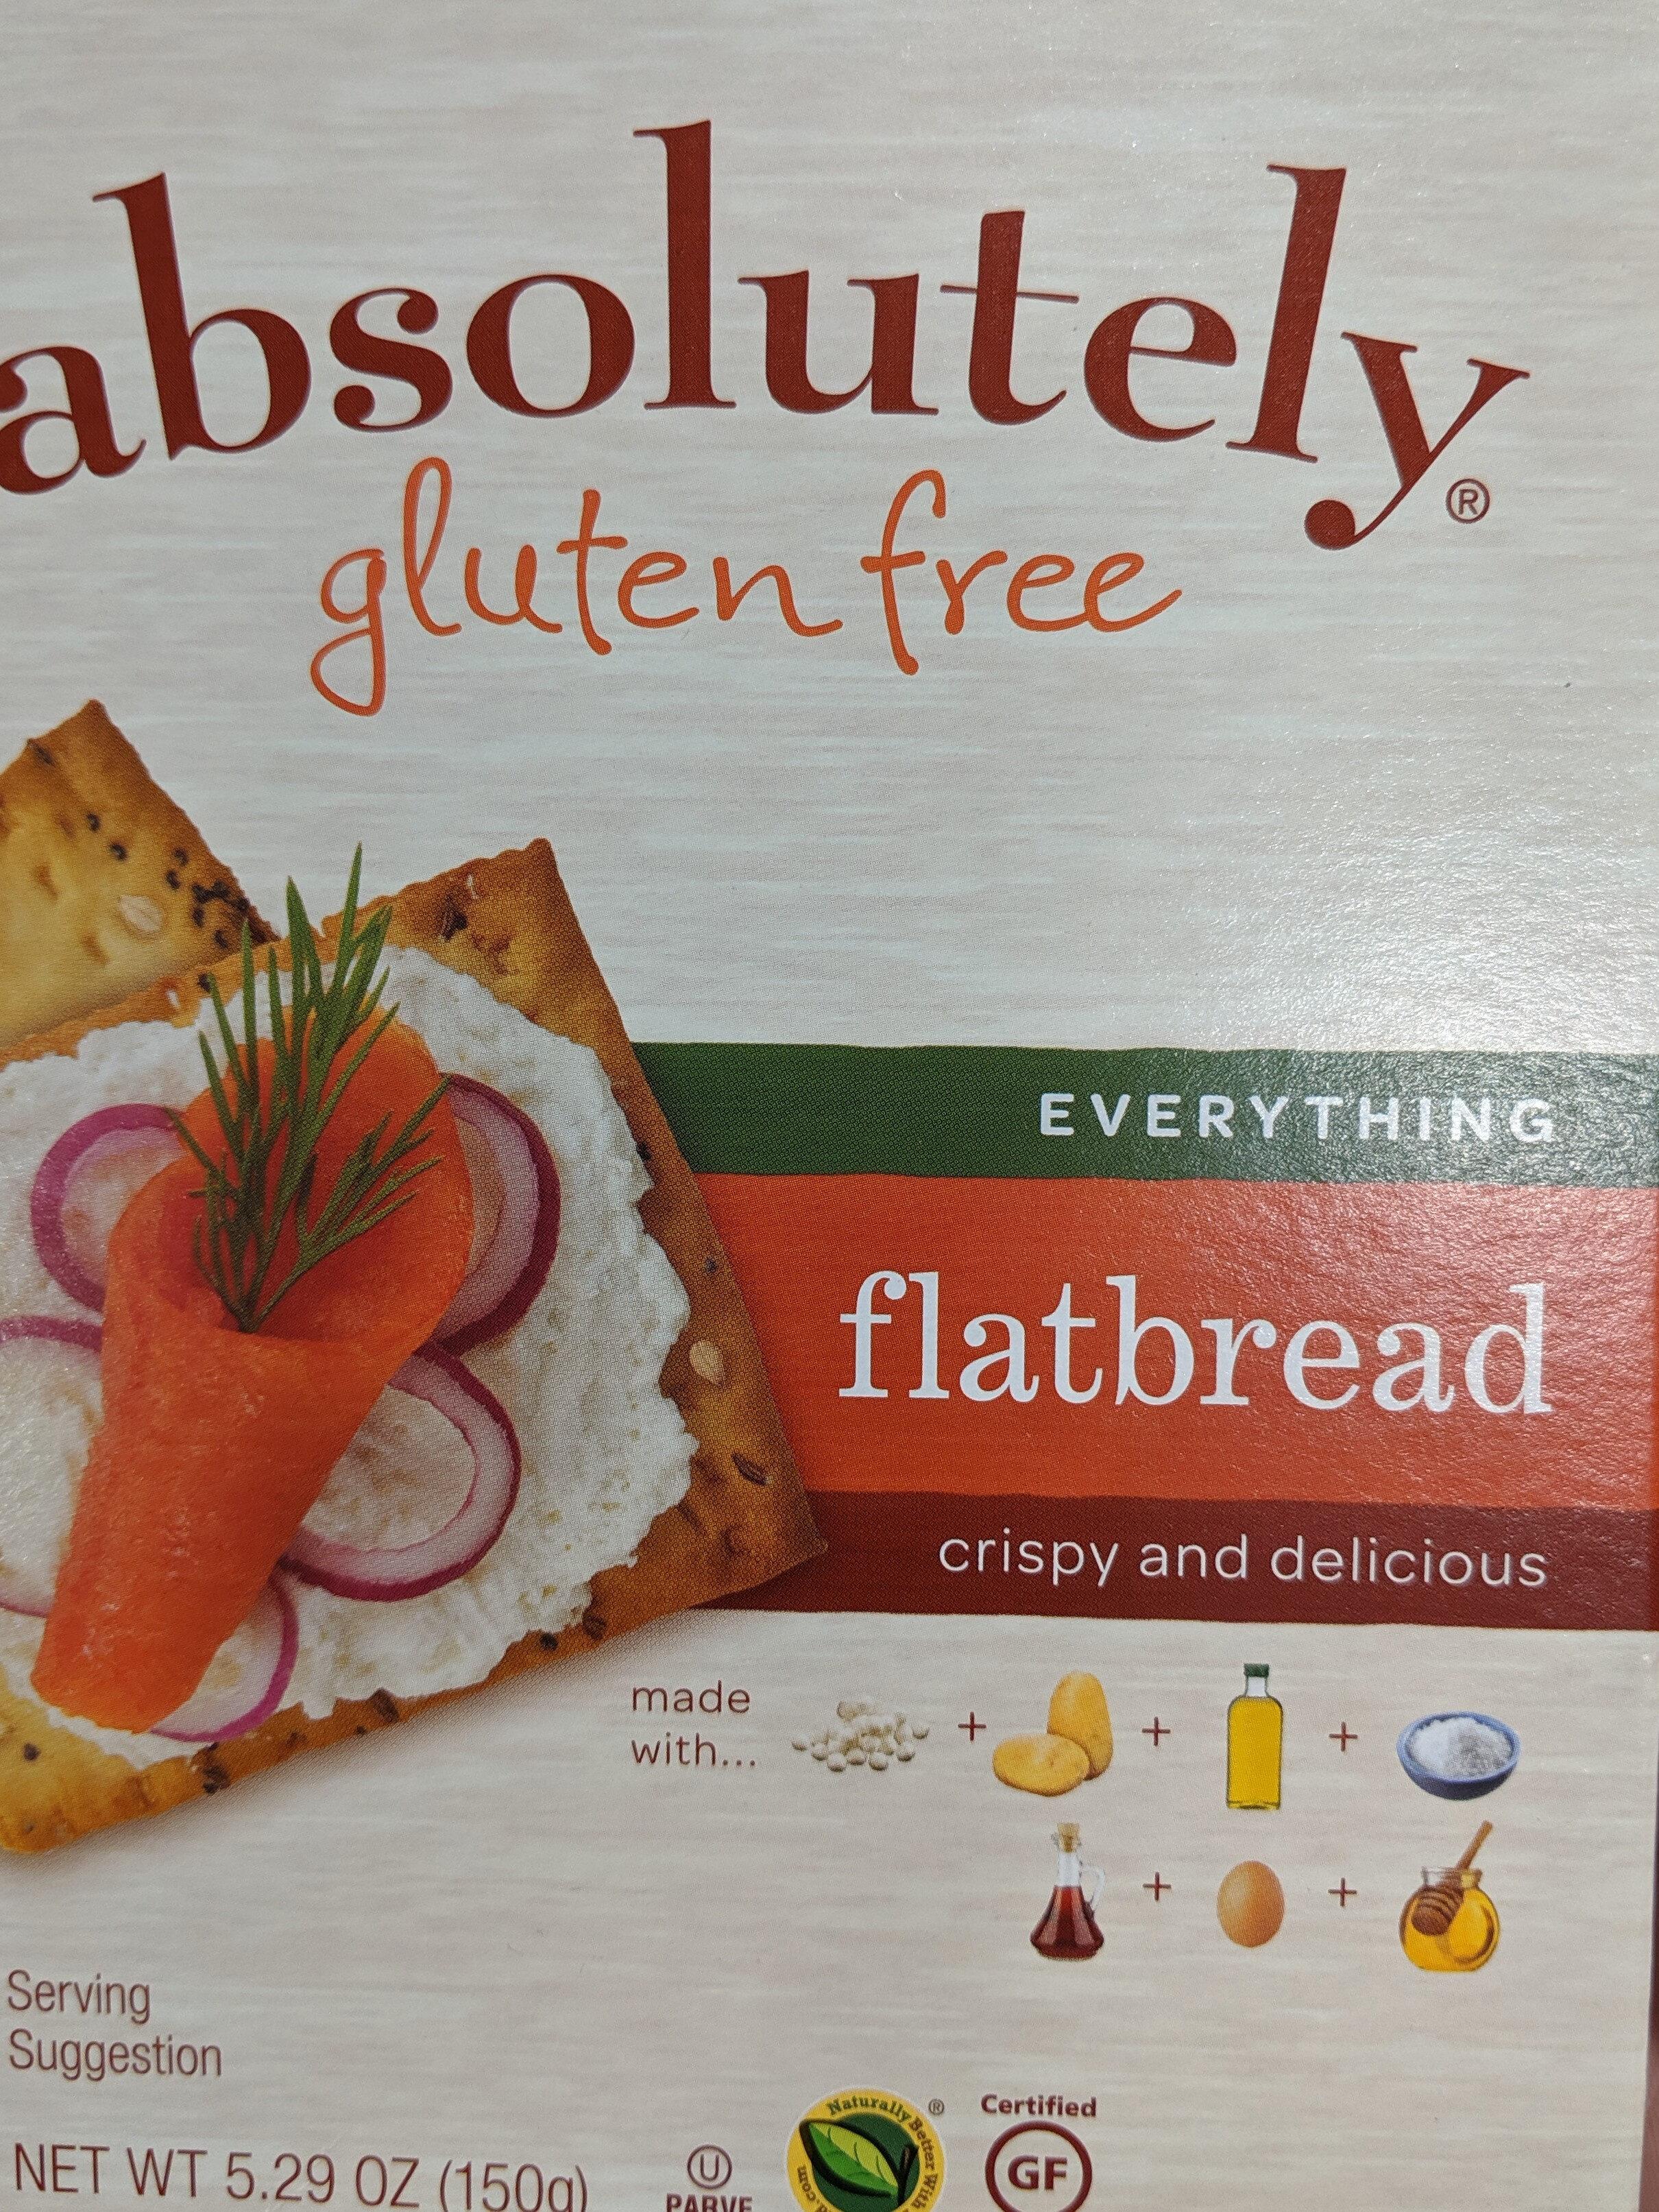 Absolutely gluten free, flatbread - Product - en